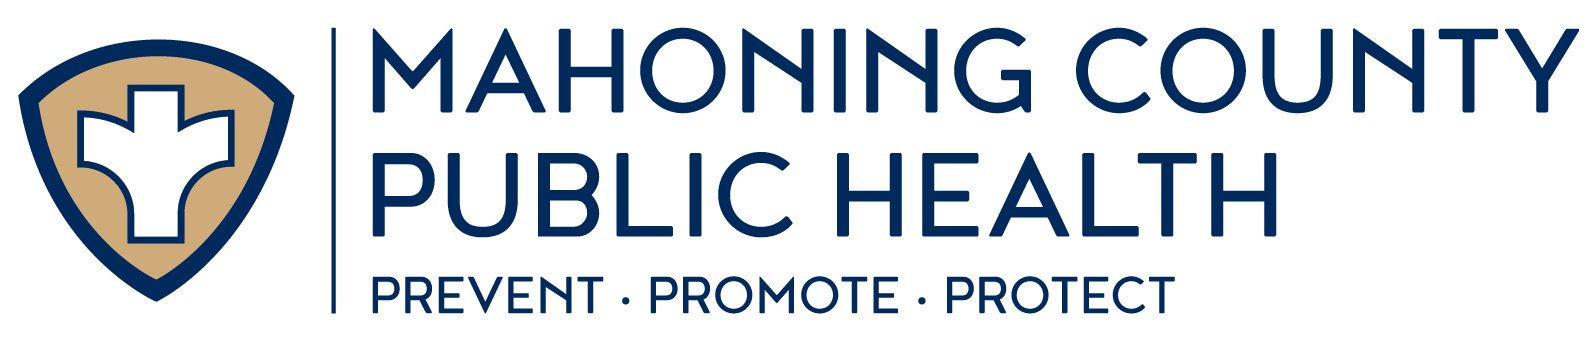 Mahoning County Public Health